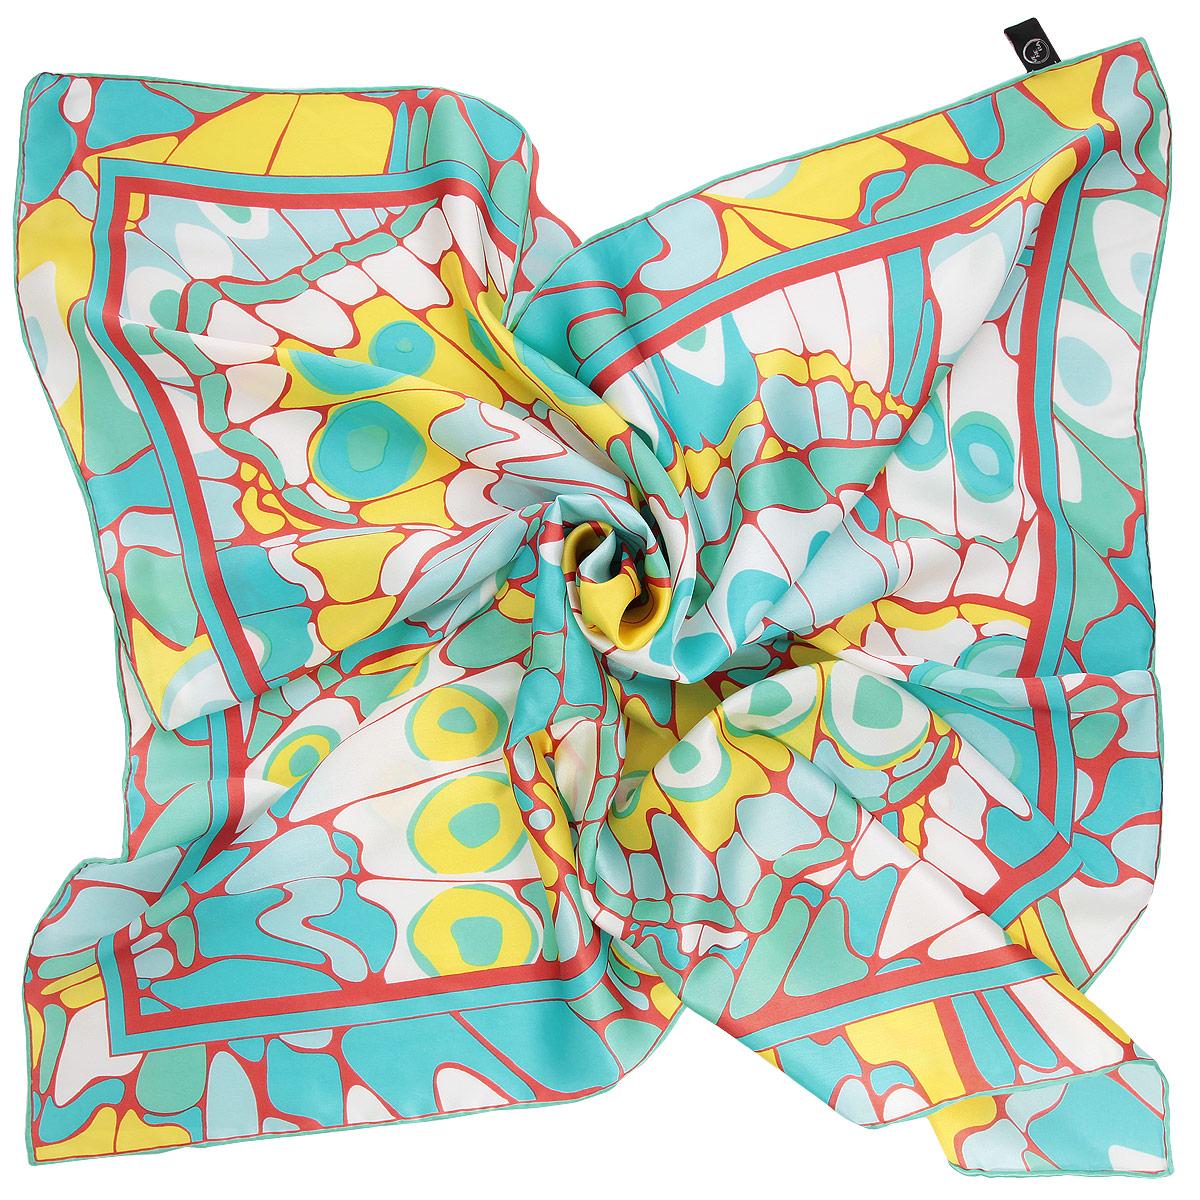 Платок женский Venera, цвет: мятный, желтый. 1801629-1. Размер 90 см х 90 см1801629-1 ПлатокОчаровательный платок Venera подчеркнет ваш неповторимый образ. Изделие выполнено из натурального шелка и оформлено ярким орнаментом. Края платка обработаны вручную. Этот модный аксессуар женского гардероба гармонично дополнит образ современной женщины, следящей за своим имиджем и стремящейся всегда оставаться стильной и элегантной.